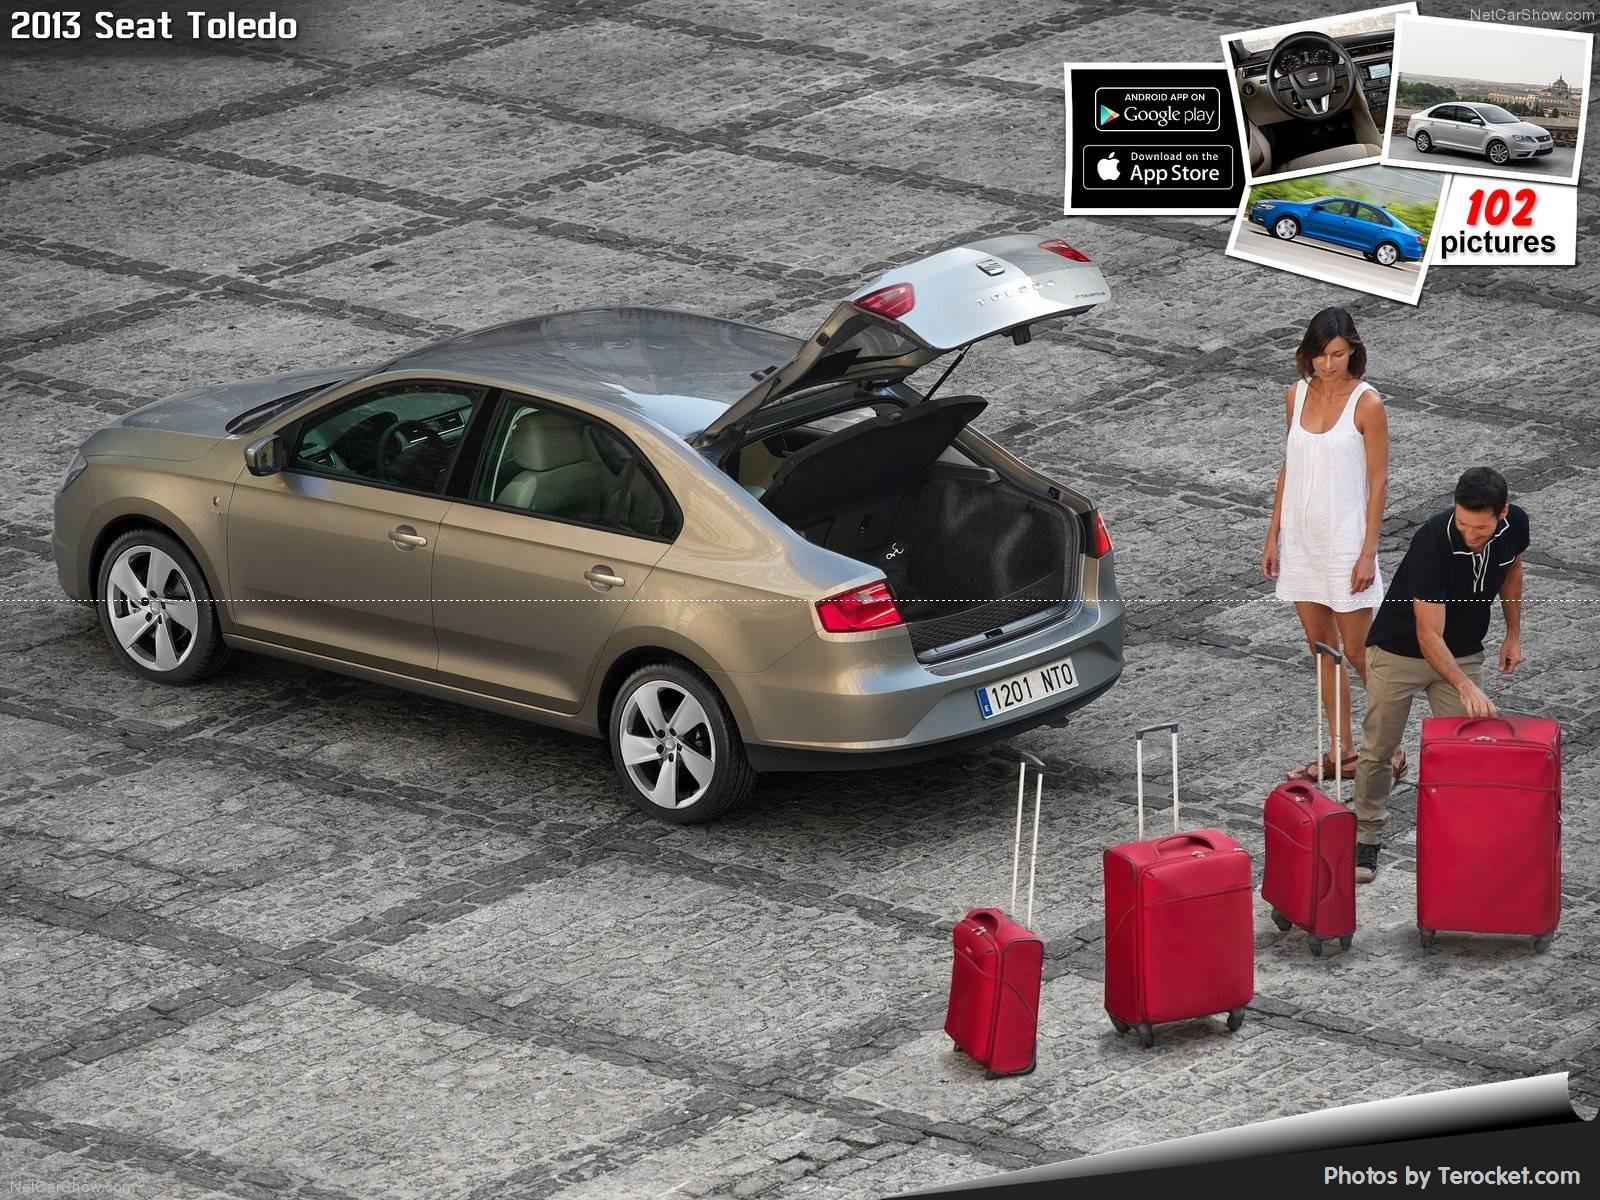 Hình ảnh xe ô tô Seat Toledo 2013 & nội ngoại thất